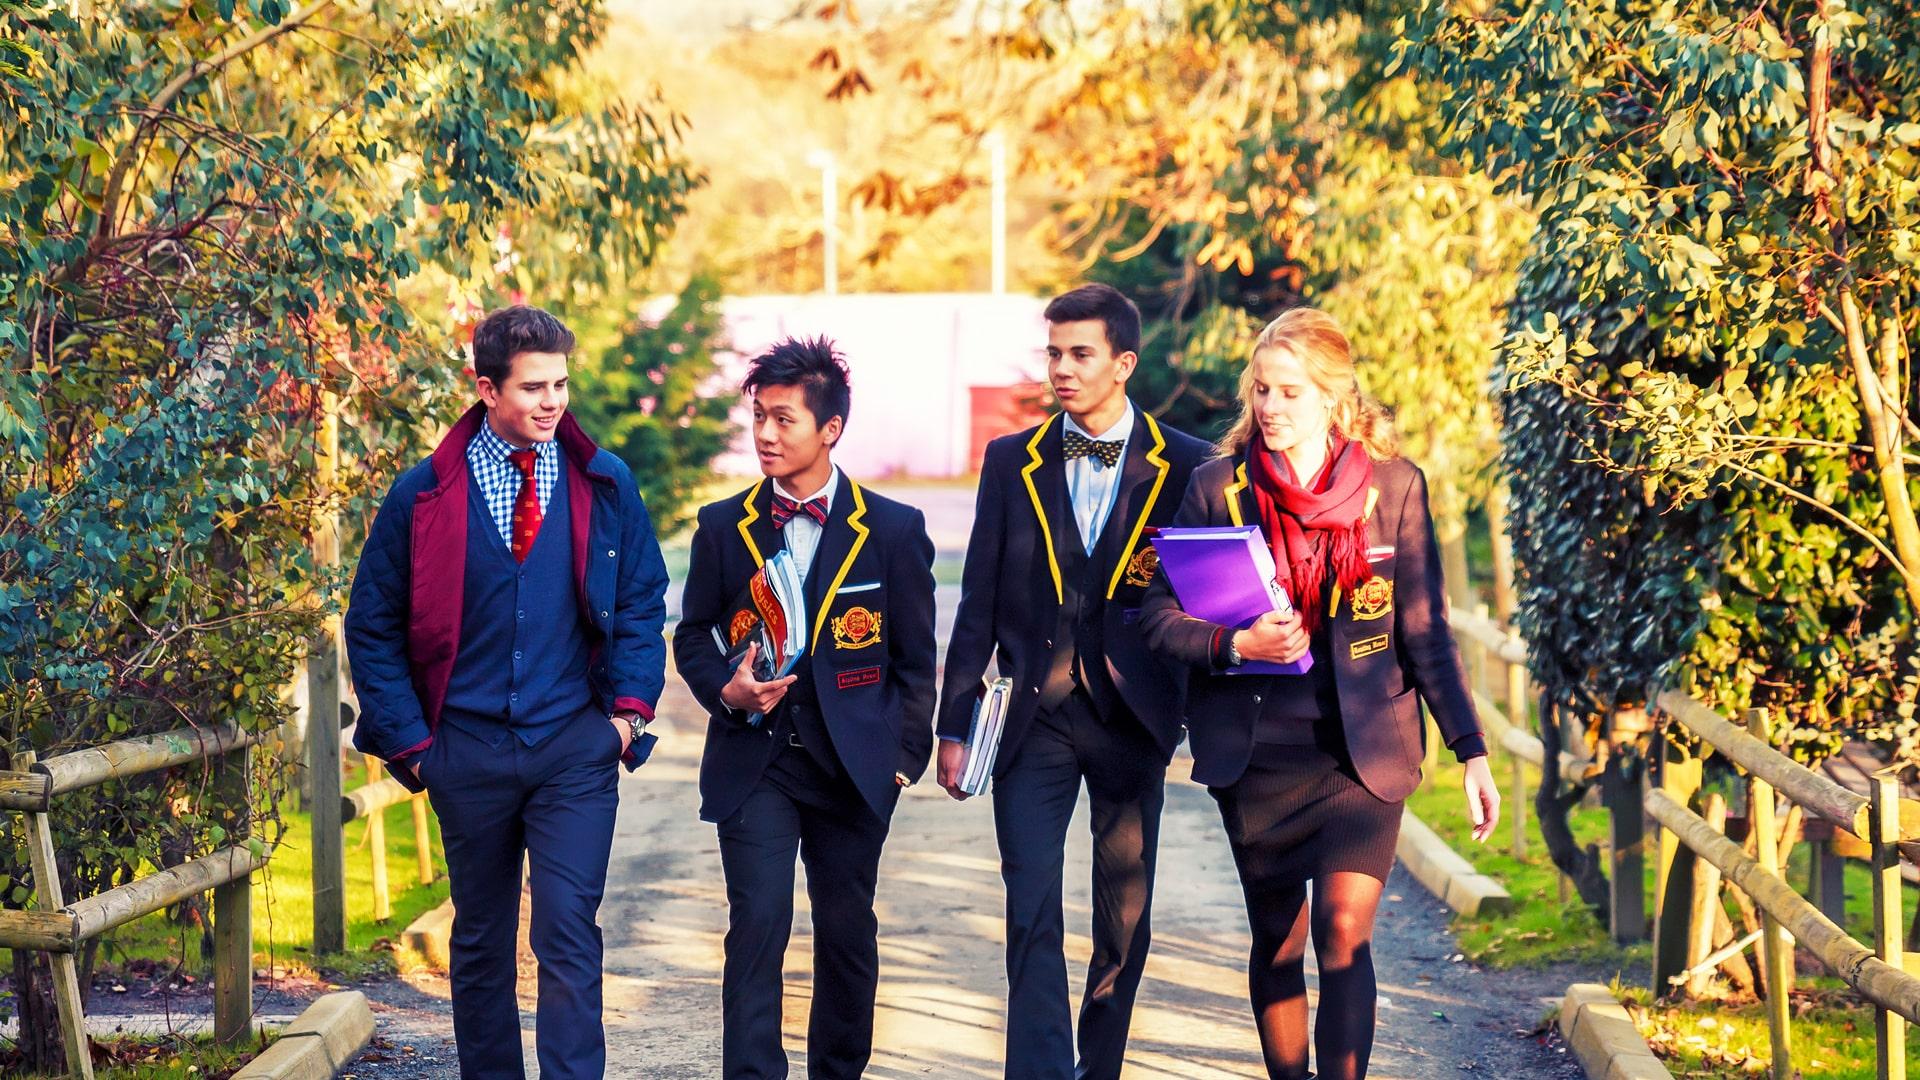 Internado año escolar en Inglaterra Buckswood School